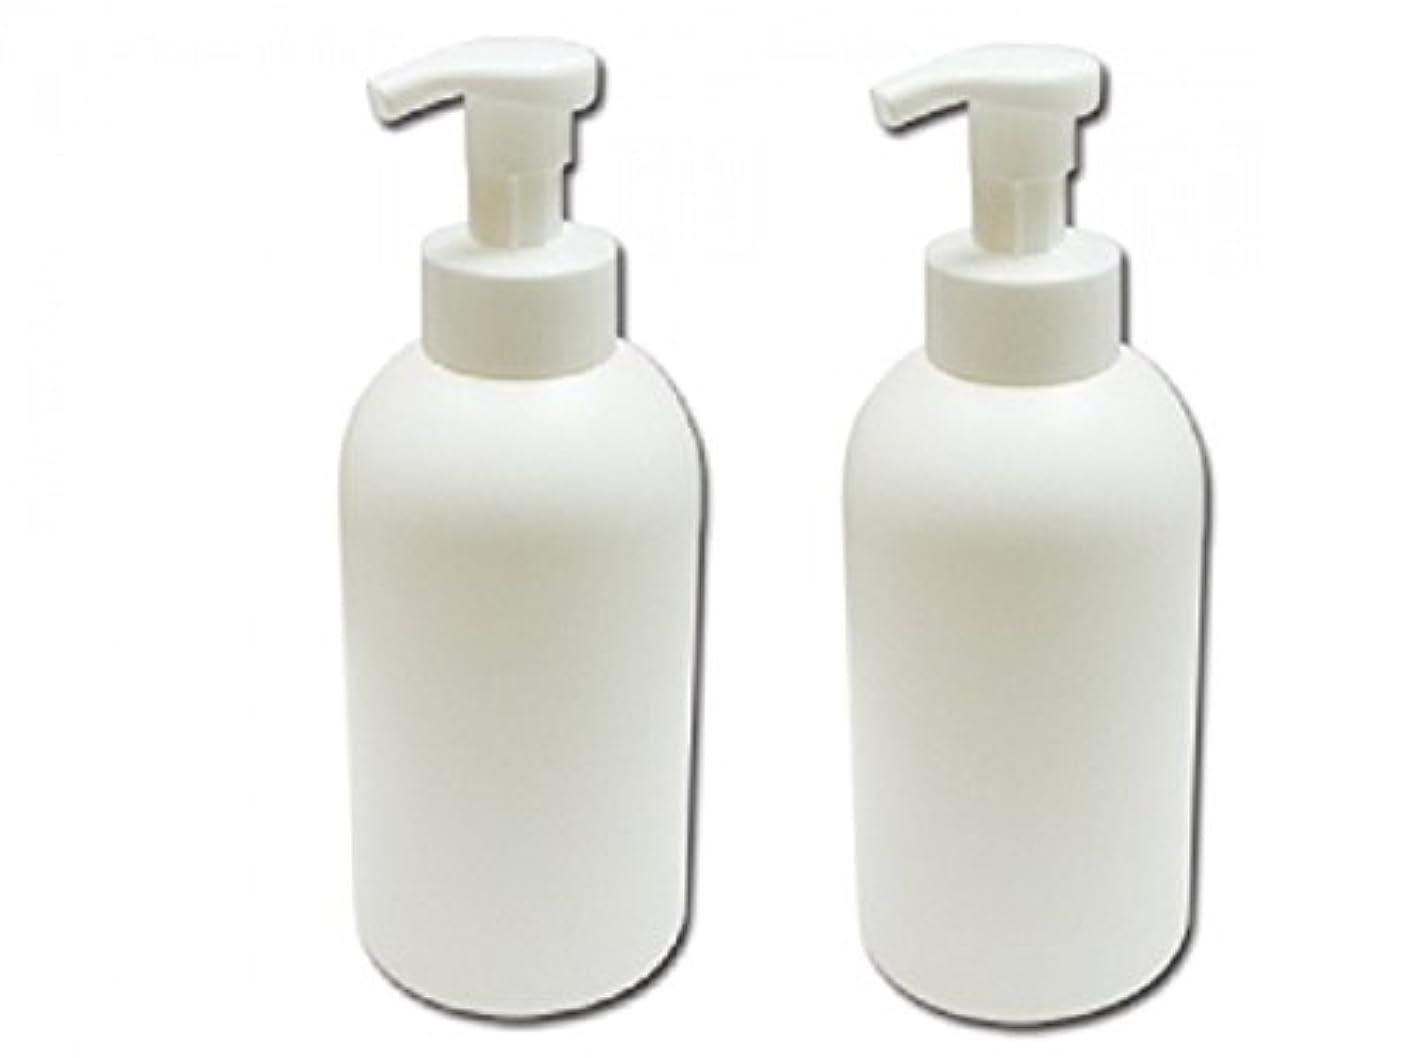 野心リード浅い泡立てポンプボトル800ml 泡で出てくる詰め替え容器泡立ちソープディスペンサー 液体石鹸、シャンプーボディーソープの詰め替えに 泡フォームポンプ容器 液体せっけん等の小分けに[2個セット]